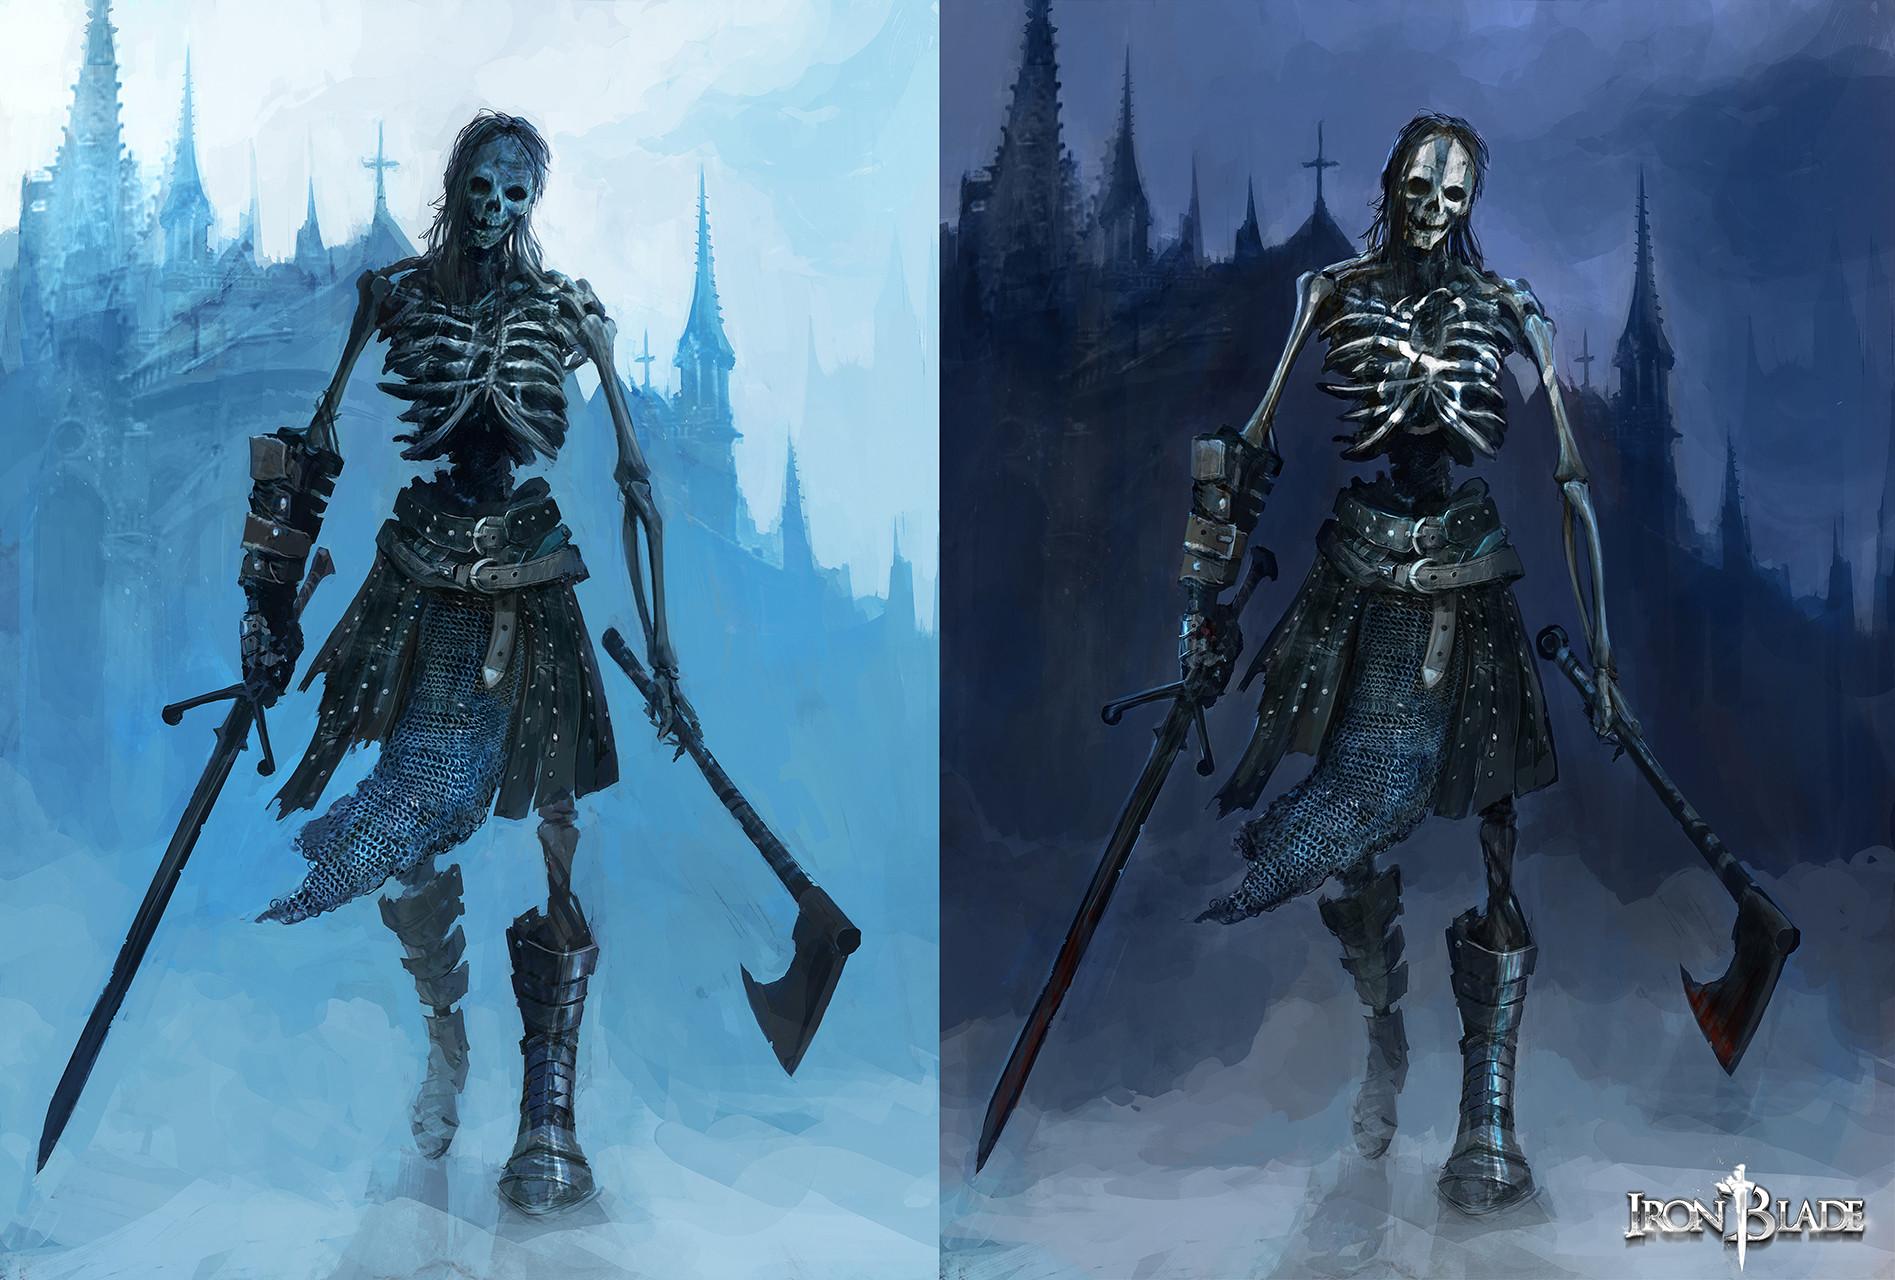 Alexandre chaudret gca creature squelette 01